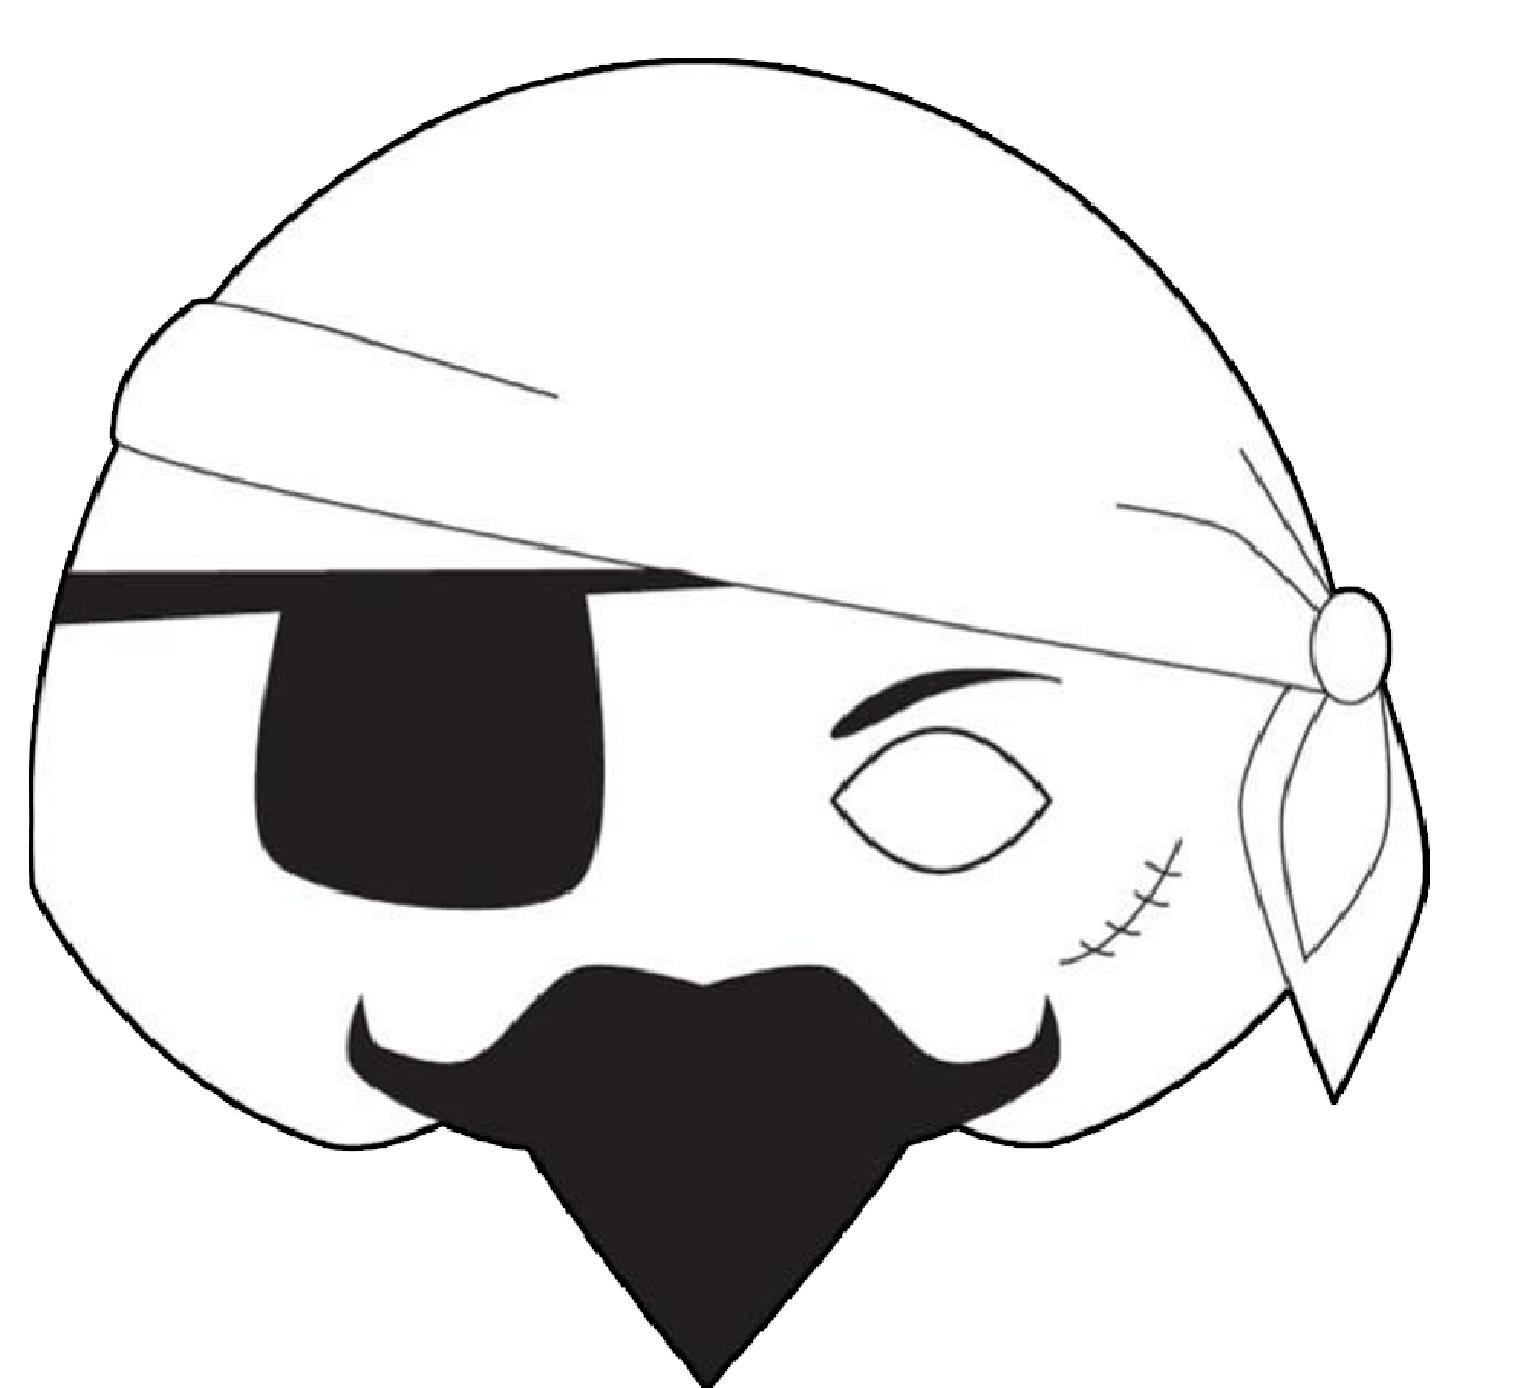 Masque Pirate A Colorier Découpage A Imprimer tout Decoupage A Imprimer Gratuit